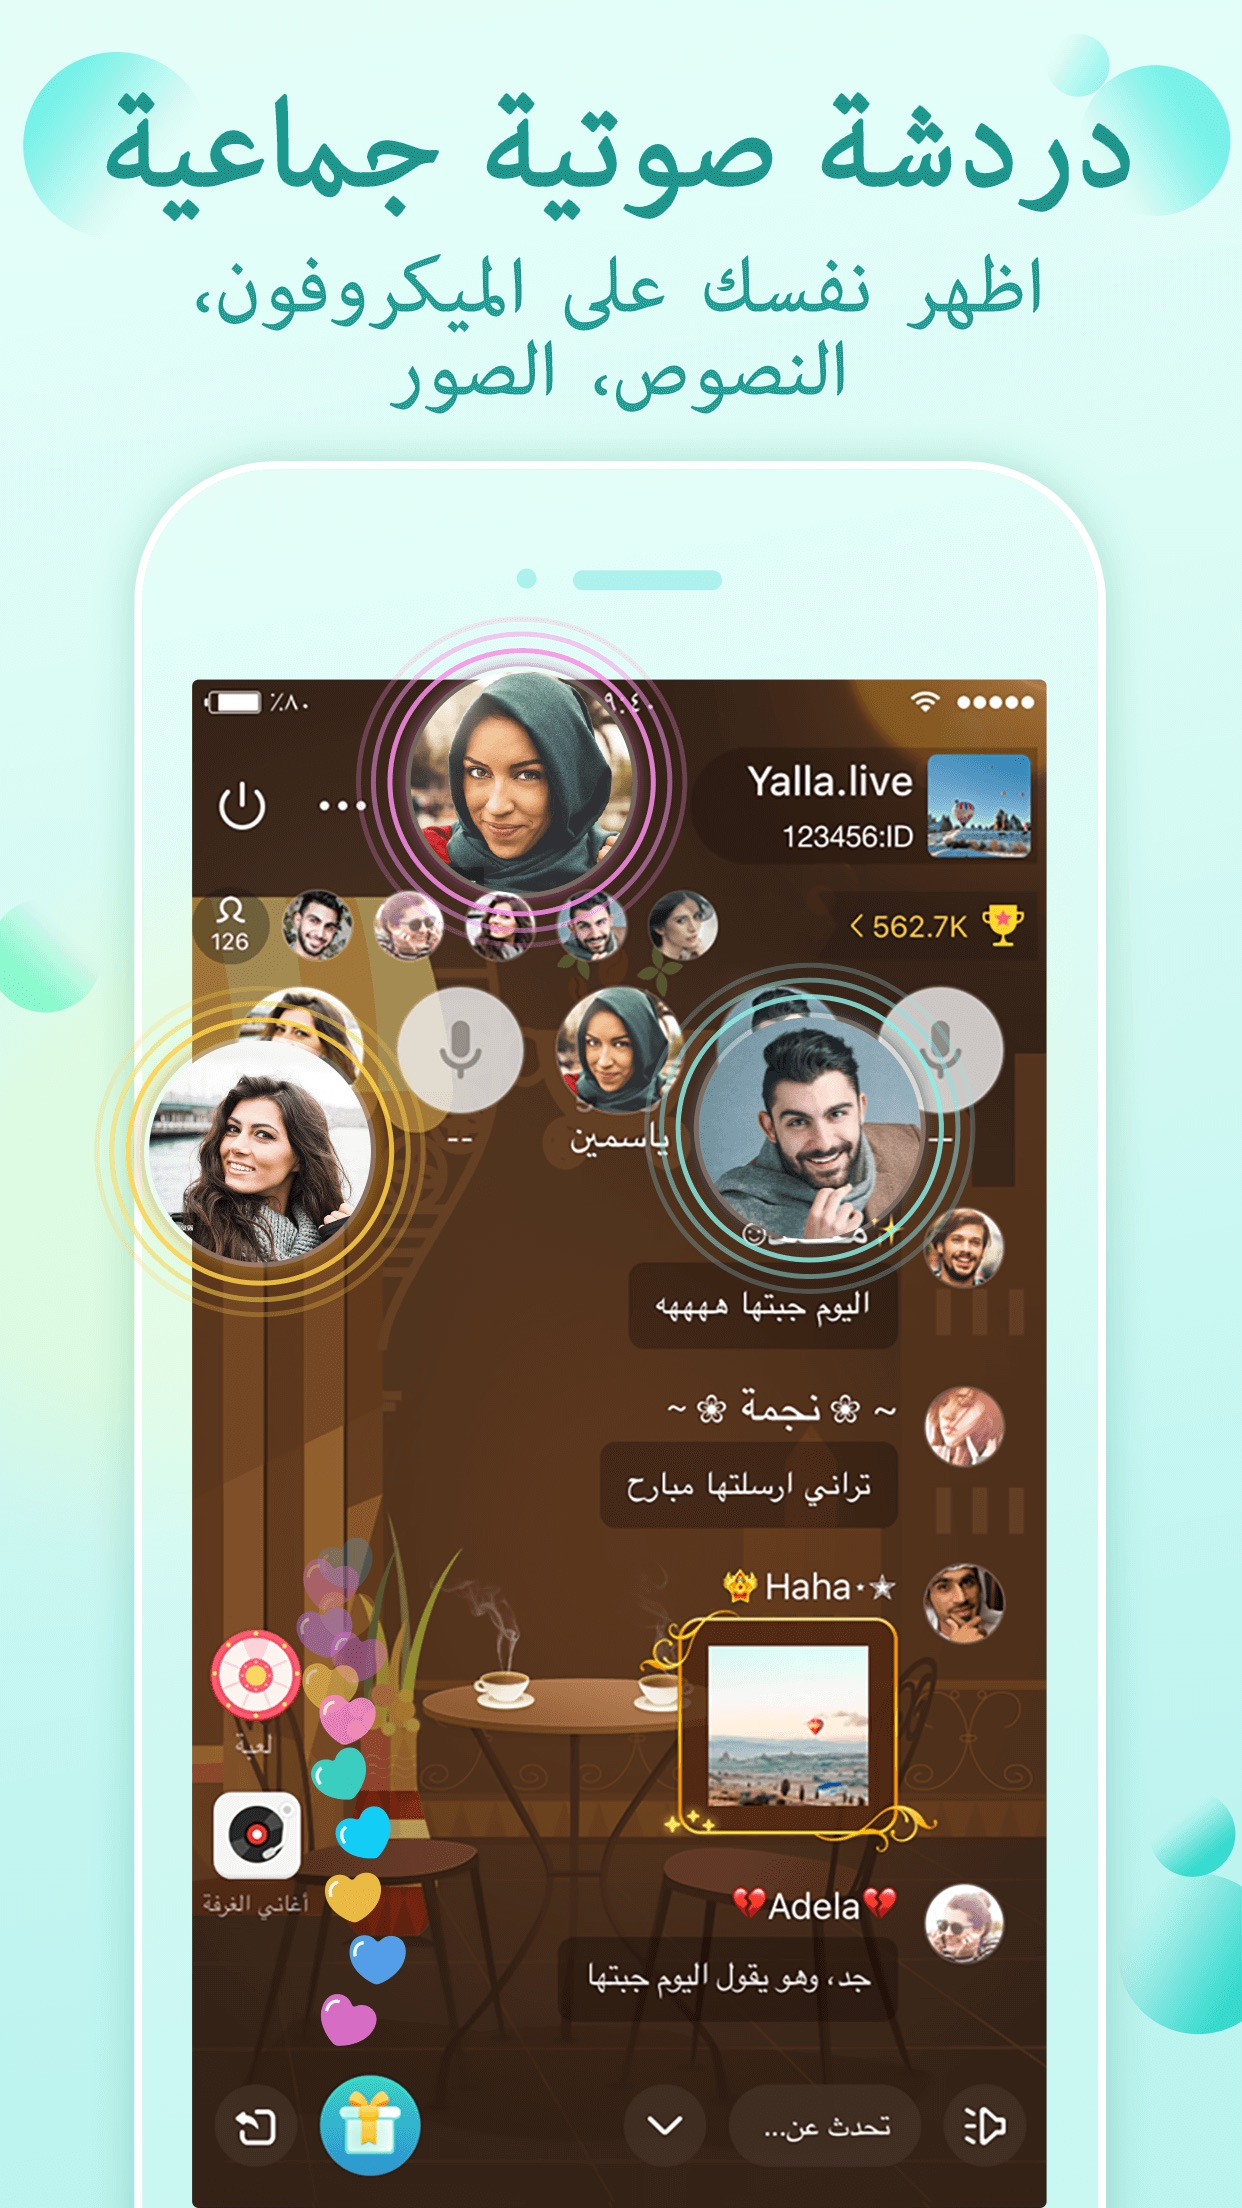 يلا-مجموعة غرف الدردشة الصوتية Screenshot